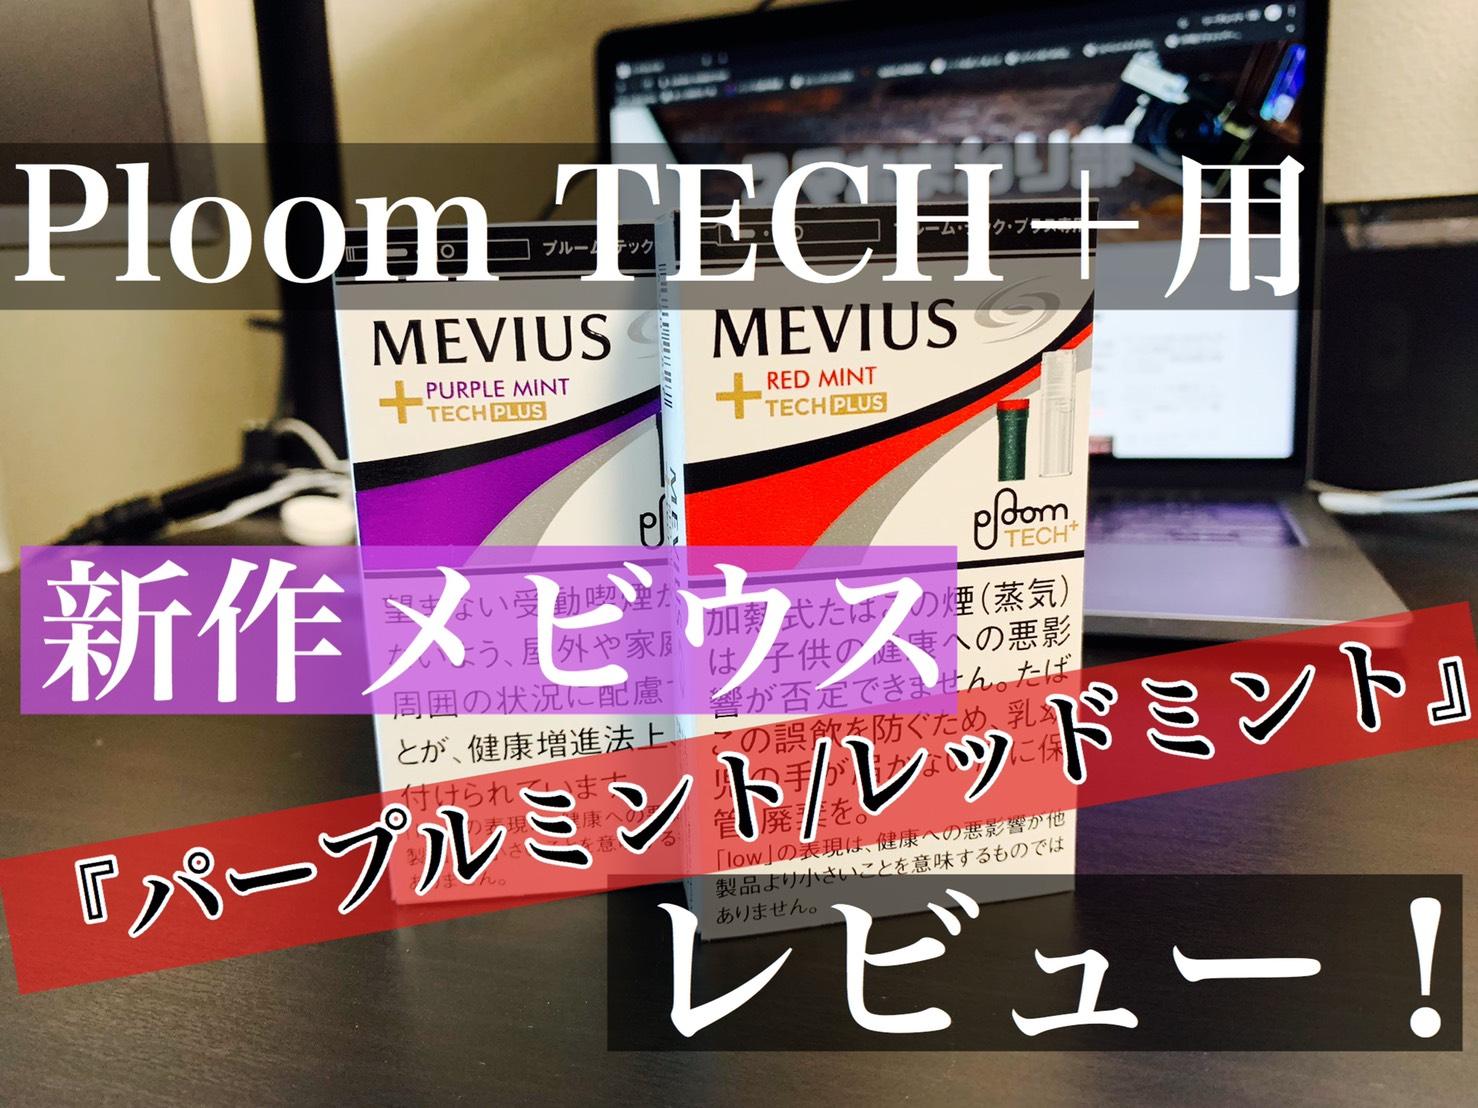 ploomtechplus new-mevius-capsule-2019-11 eye catch